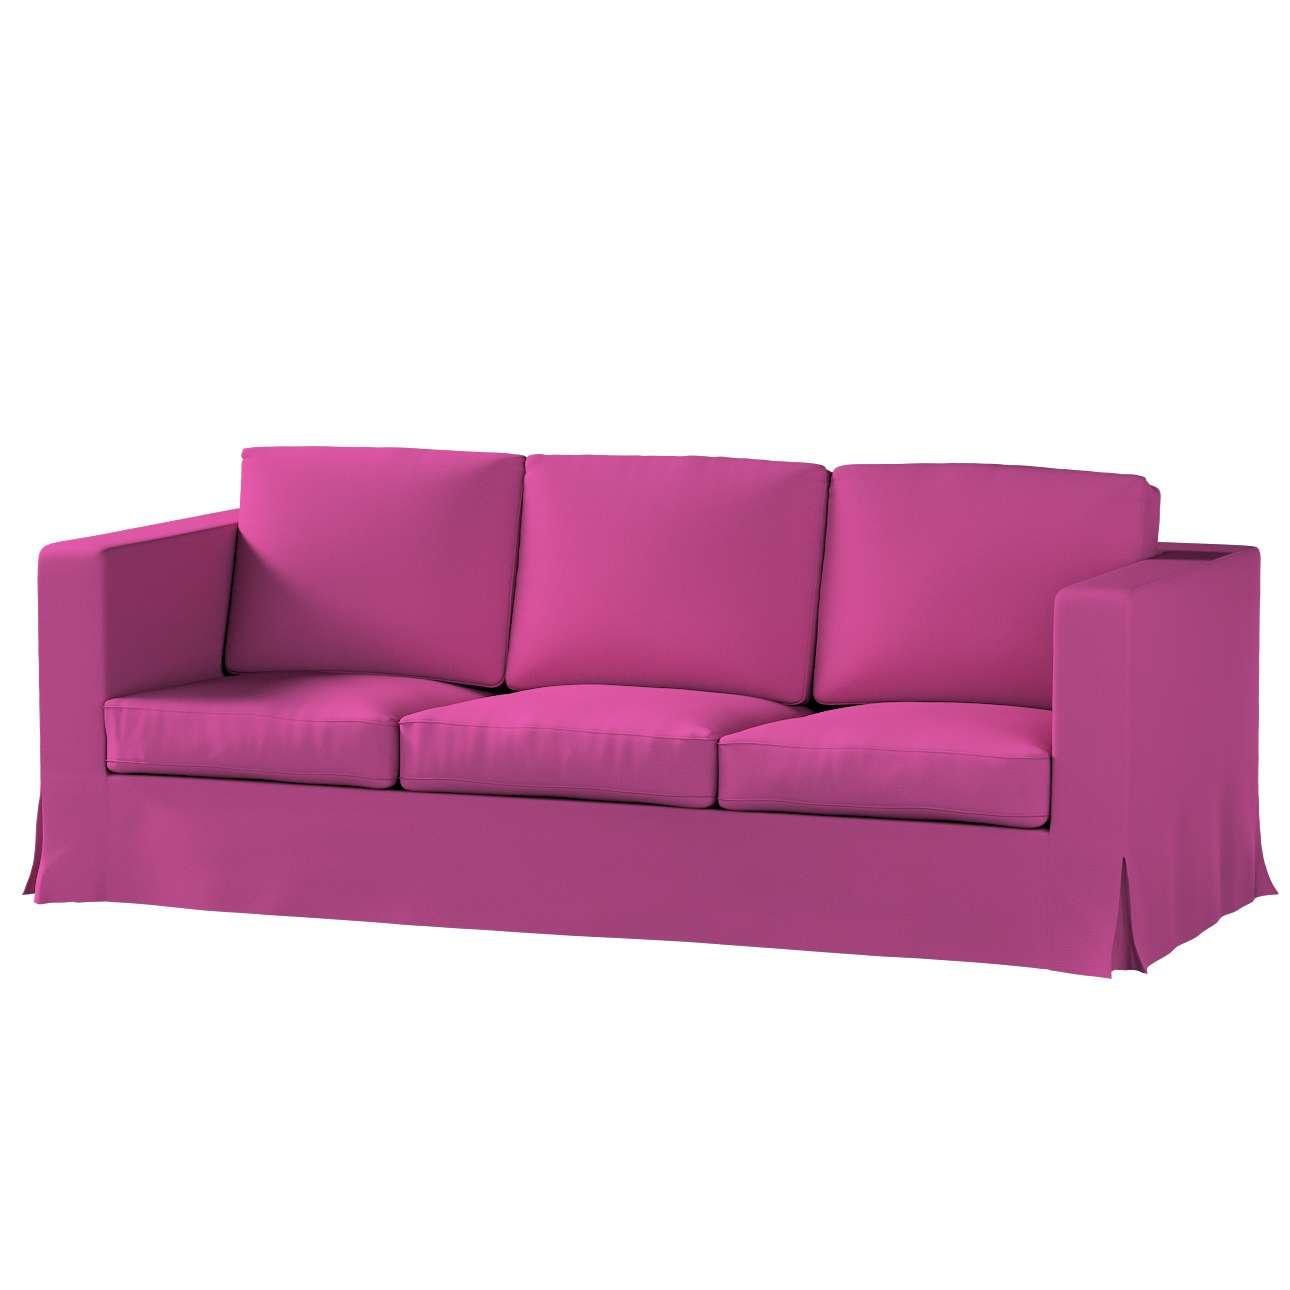 Pokrowiec na sofę Karlanda 3-osobową nierozkładaną, długi Sofa Karlanda 3-os w kolekcji Etna , tkanina: 705-23